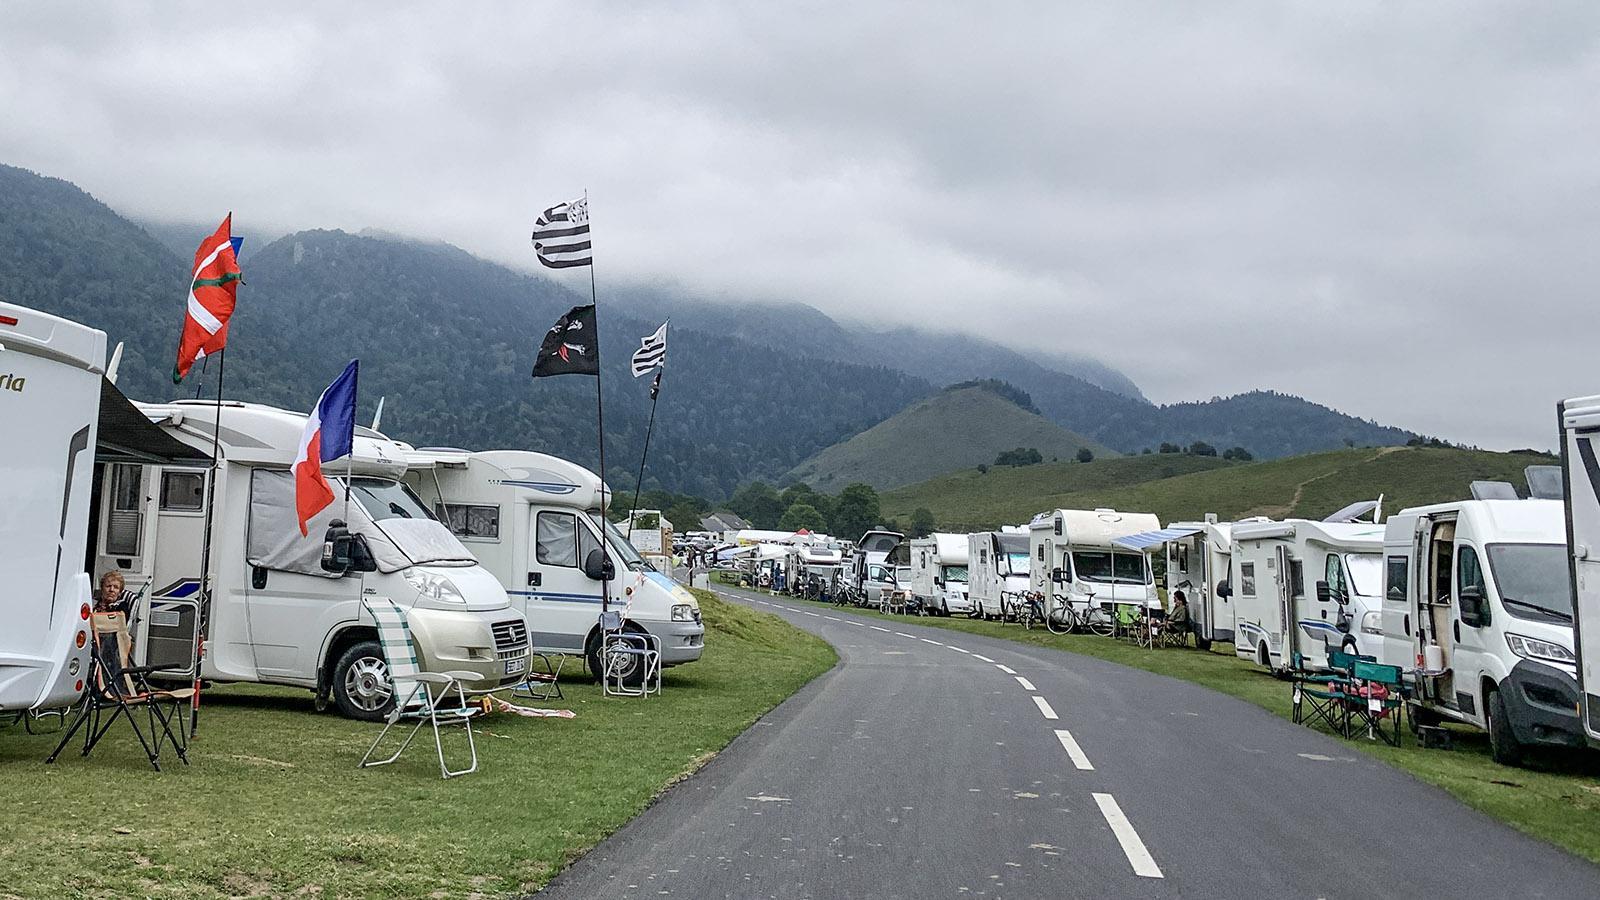 Mehr als 200 Caravans säumen auf dem Plateau von Marie-Blanque die Rennstrecke. Foto: Hilke Maunder